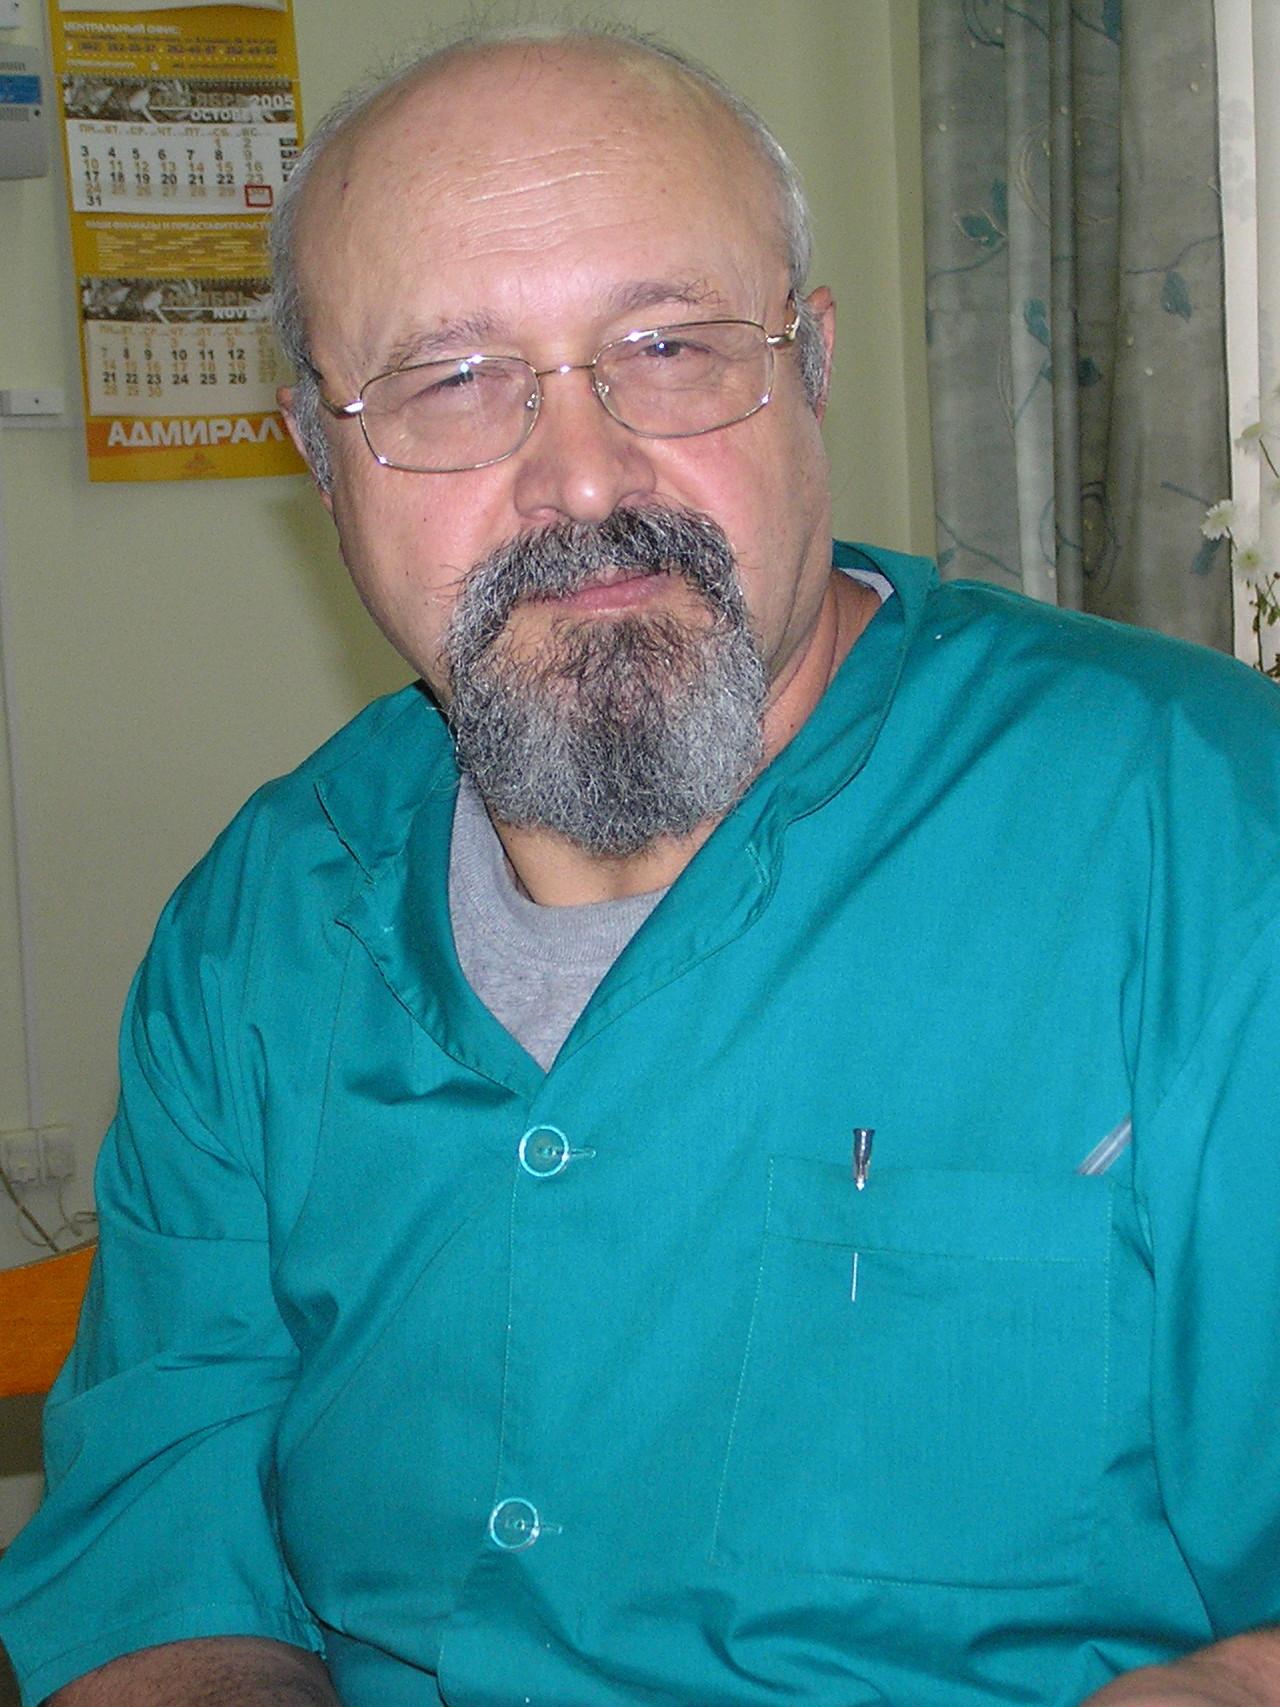 Поликлиника им семашко симферополь расписание приема врачей